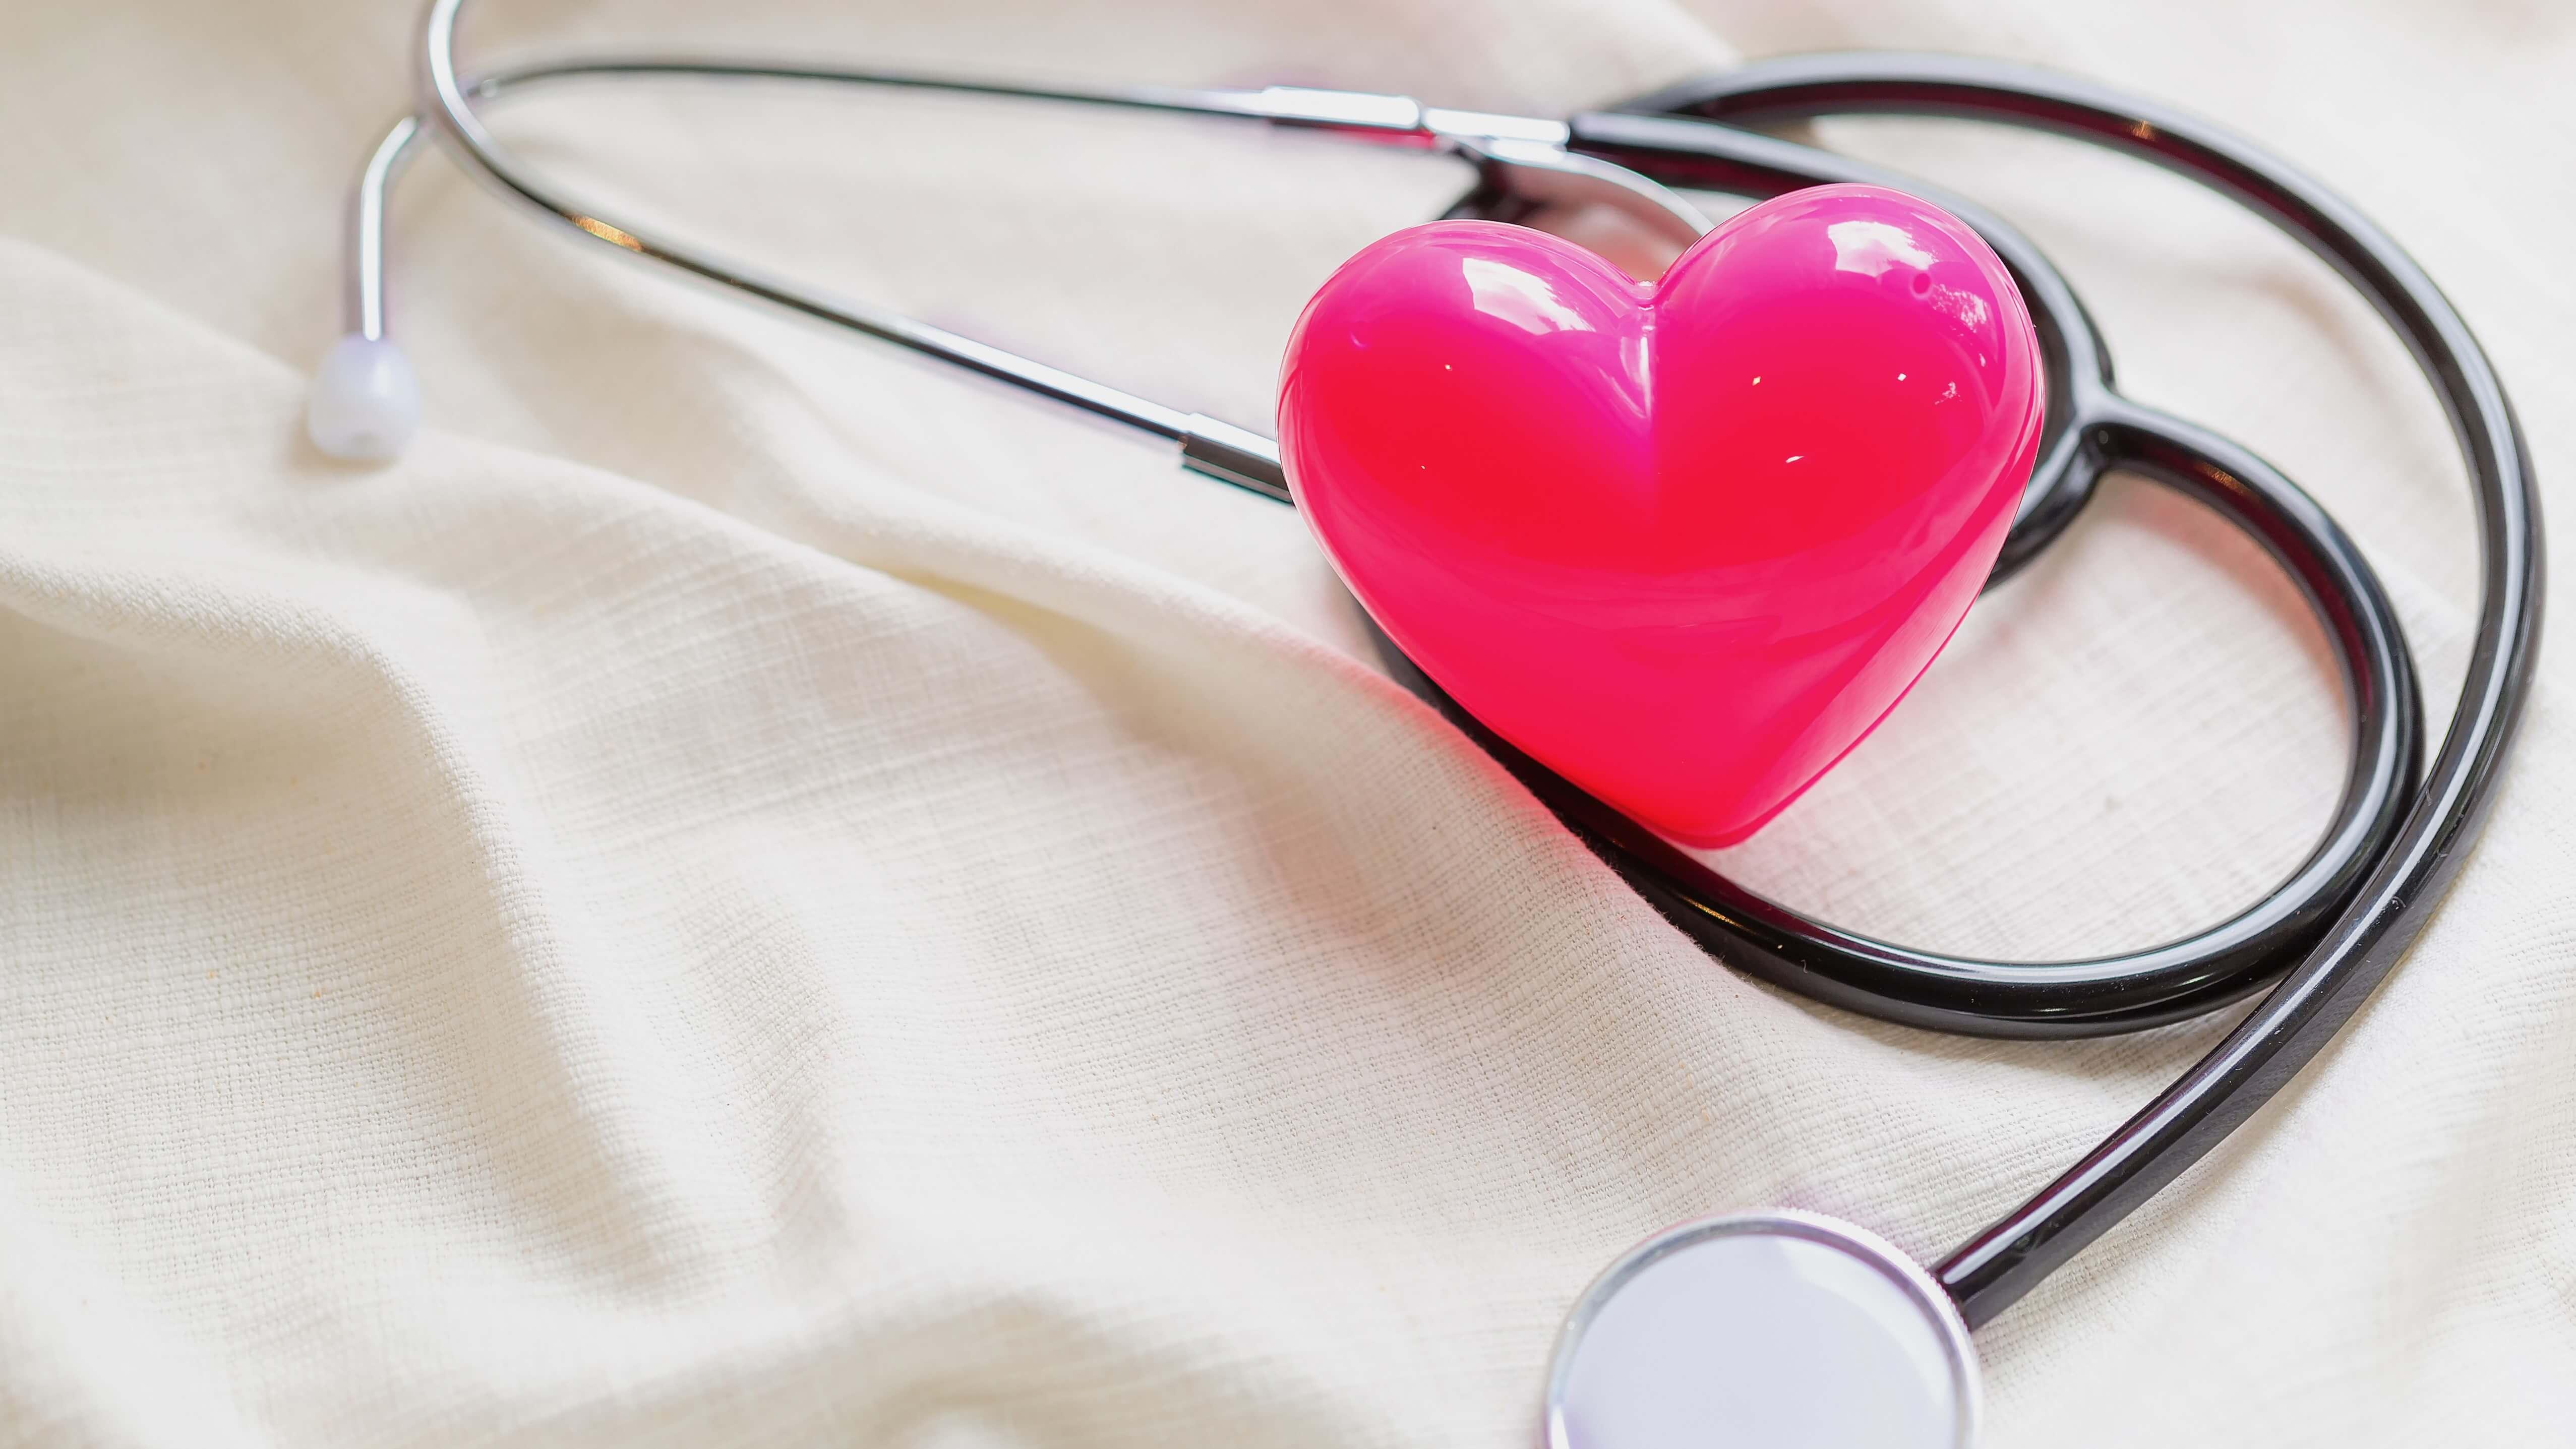 Jantung - Pantai Hospital Kuala Lumpur